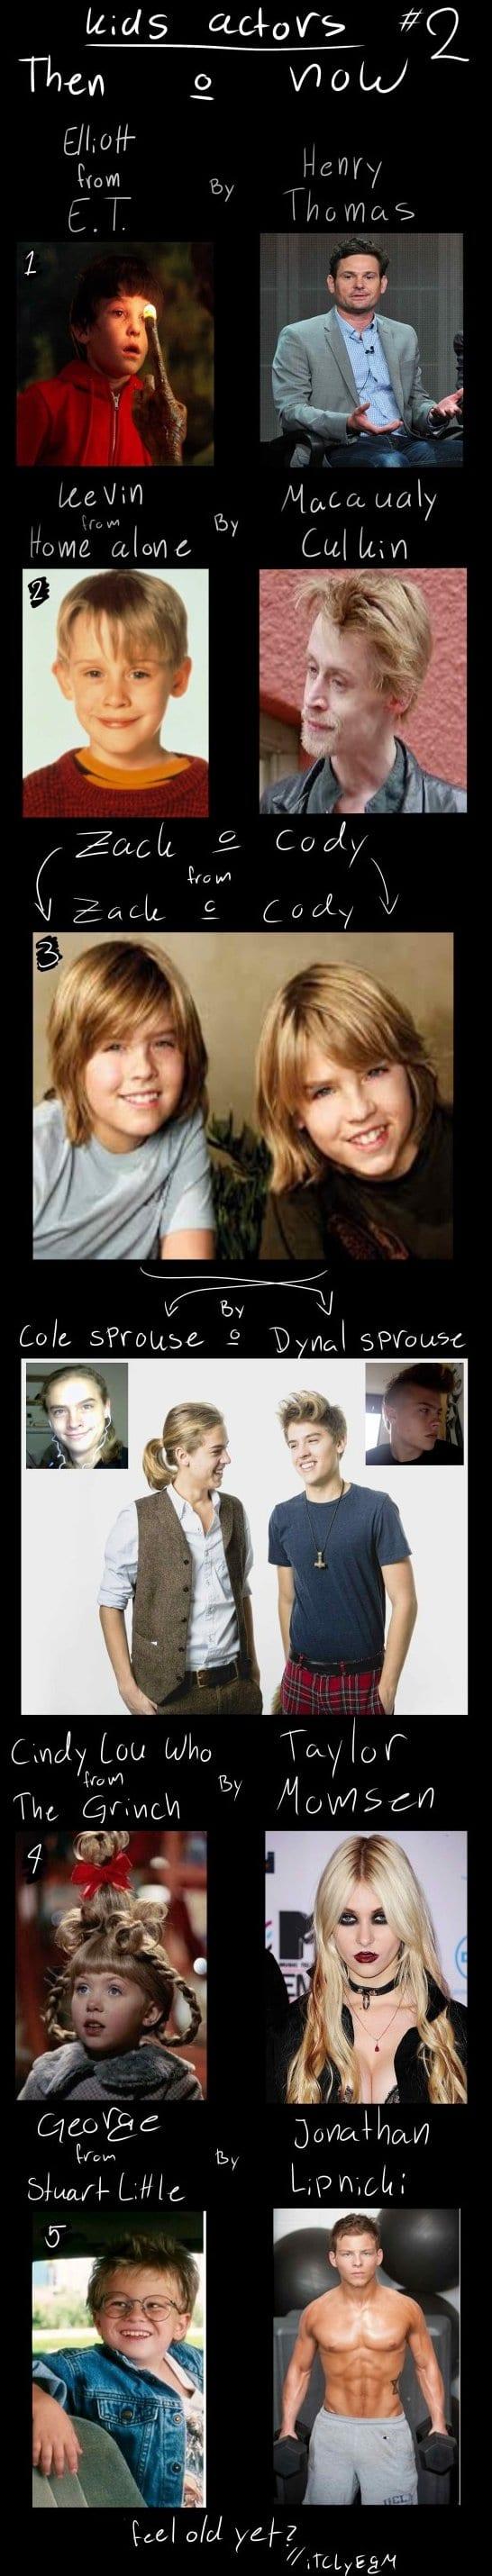 funny-kids-actors-then-vs-now-meme